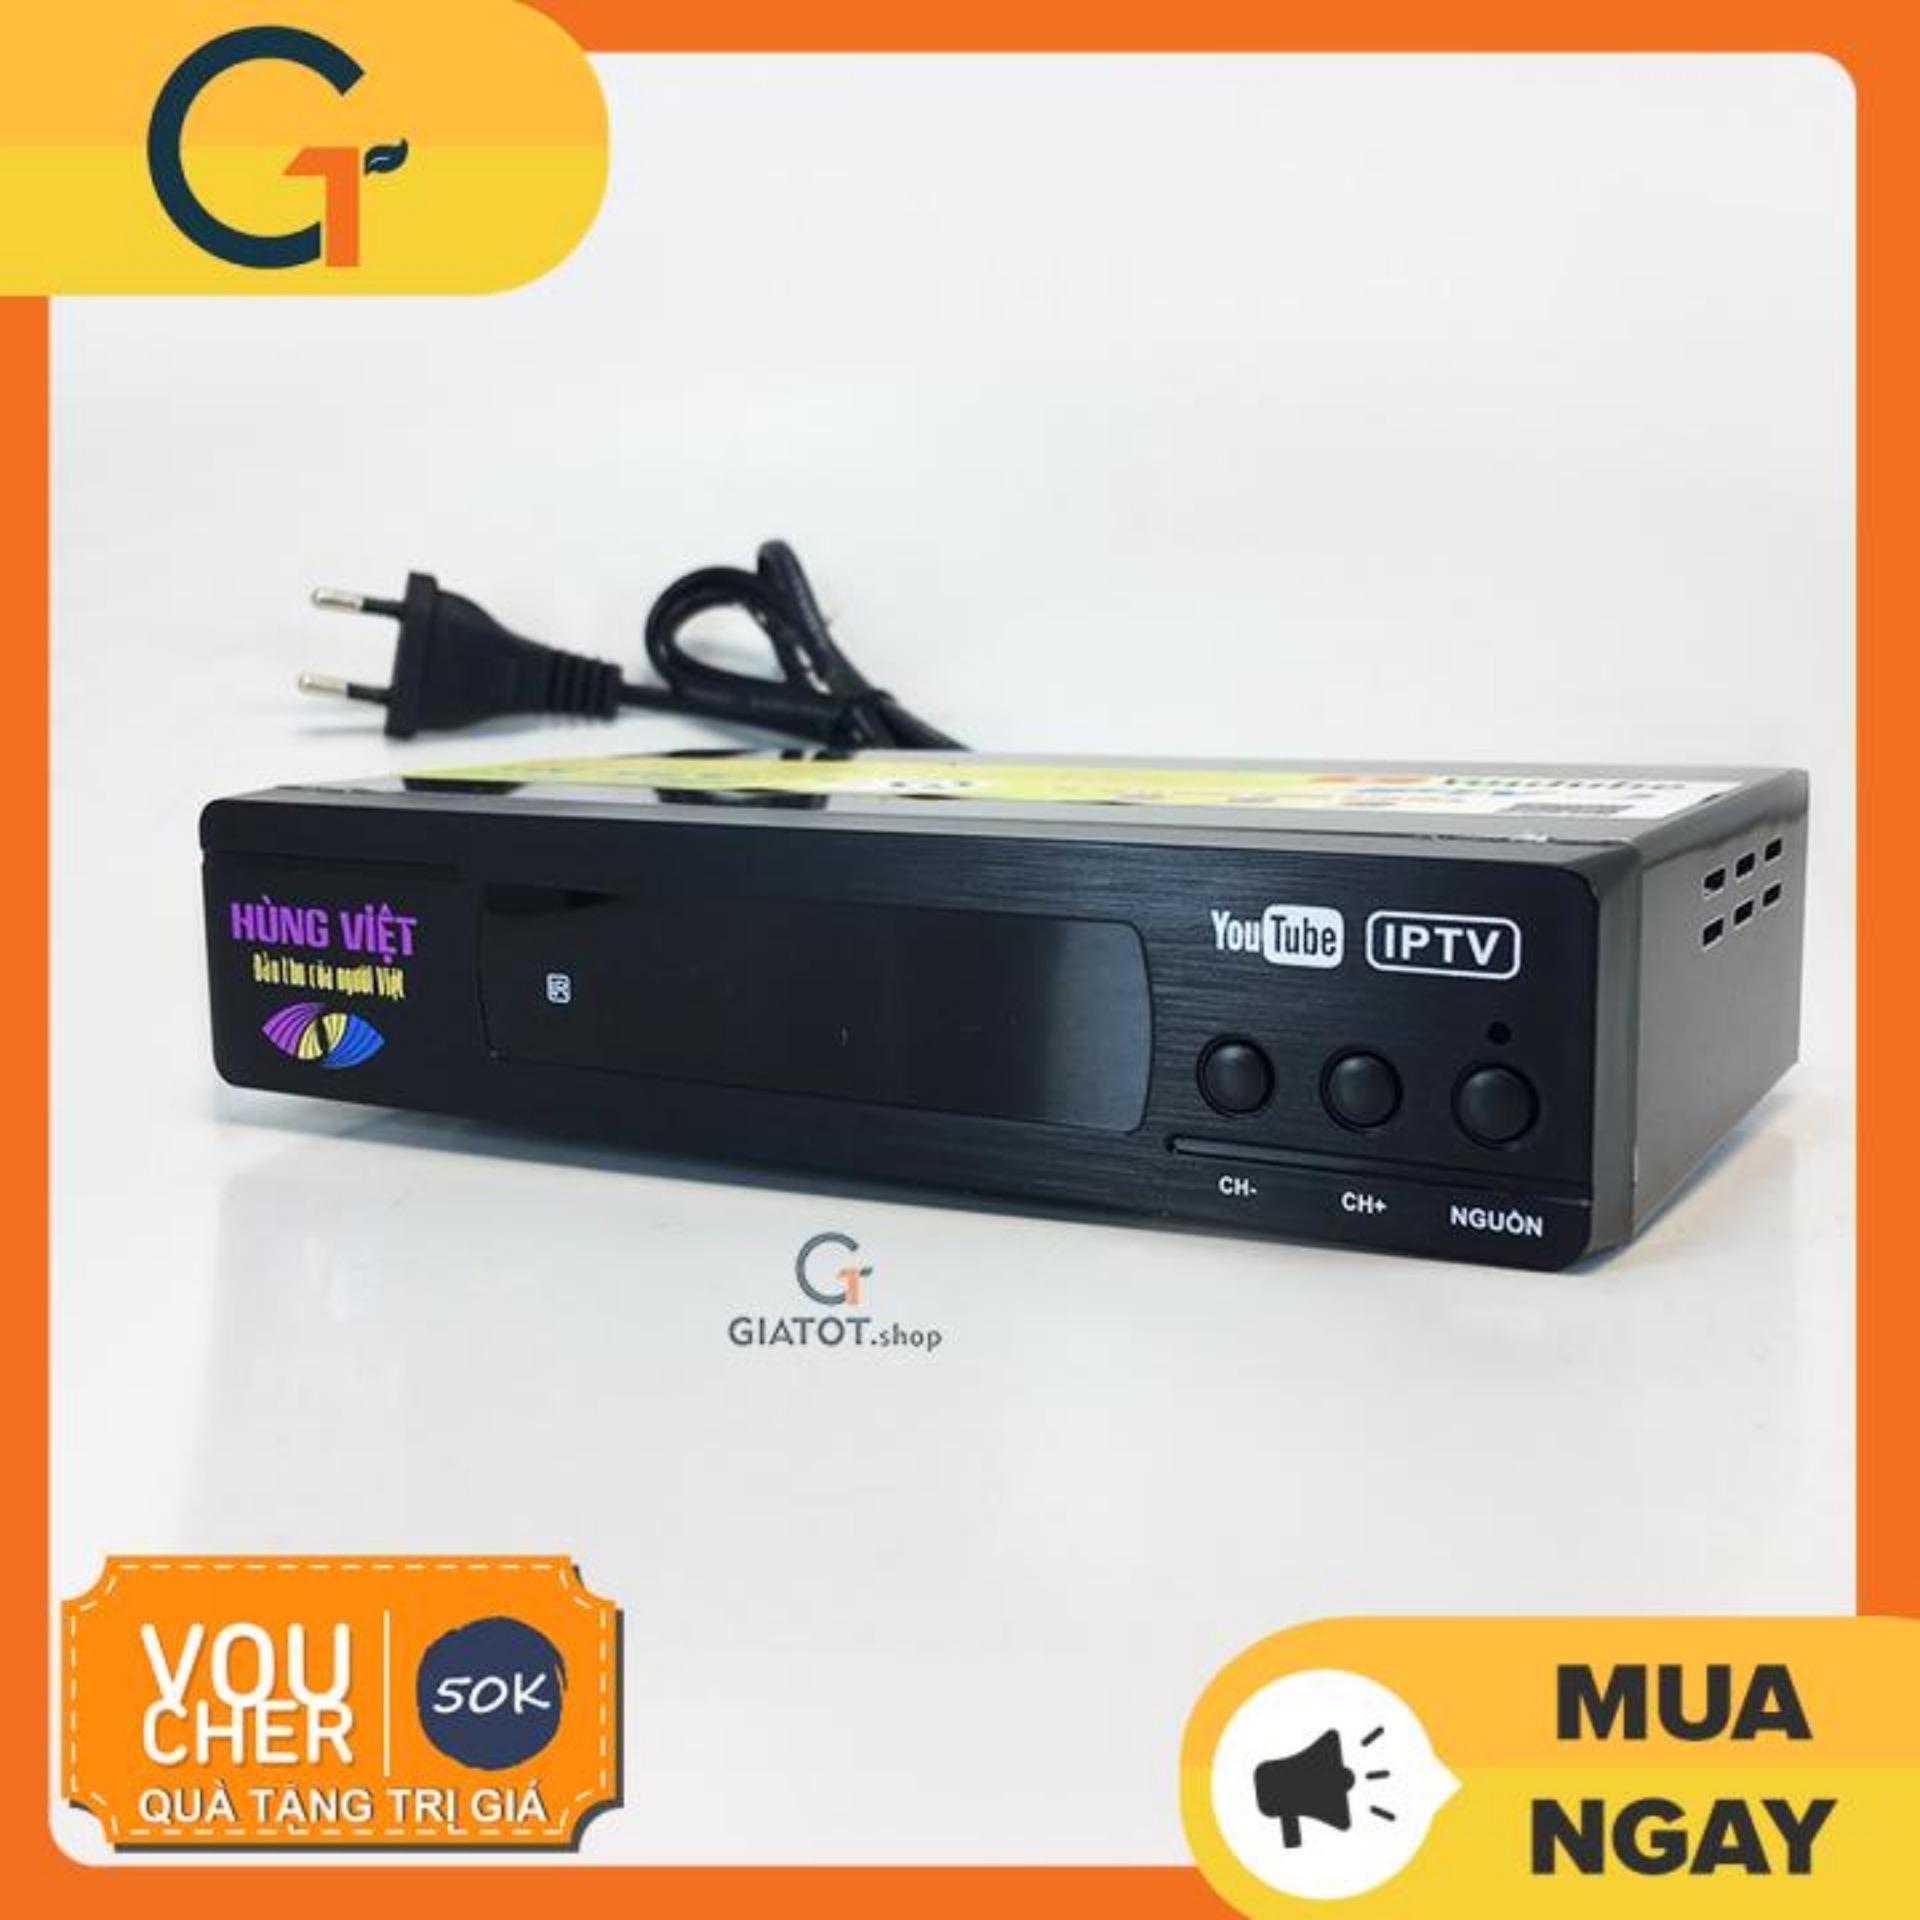 Bảng giá Đầu thu DVB T2 Hùng Việt TS 123 internet xem Youtube, IPTV phiên bản 2018 Điện máy Pico